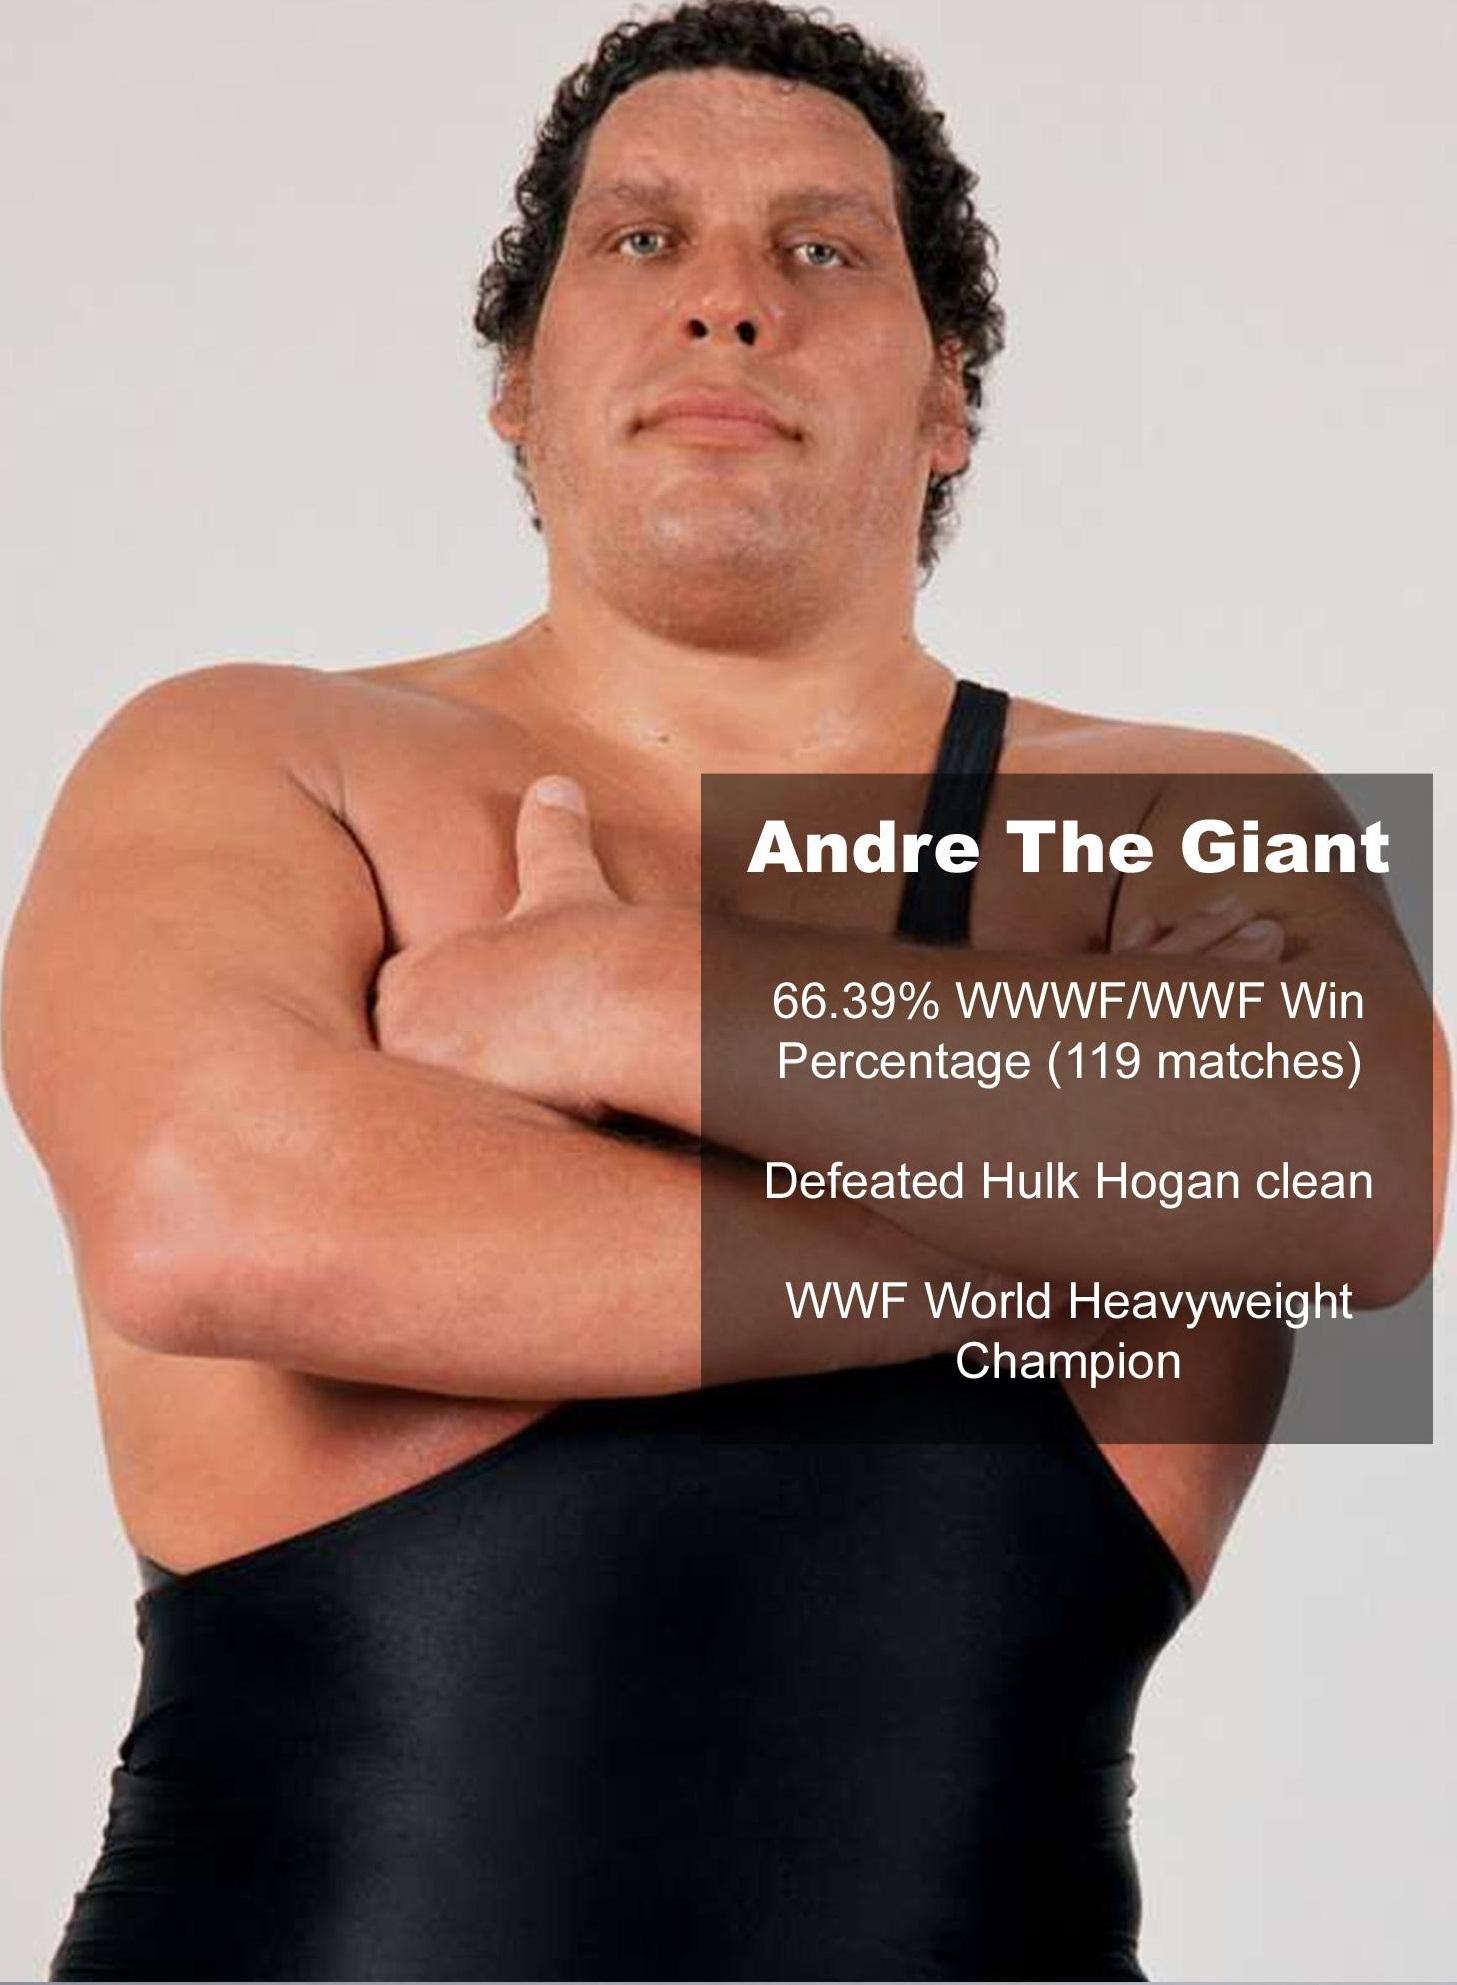 Estadísticamente, los mejores de la era moderna en WWE/WCW 12